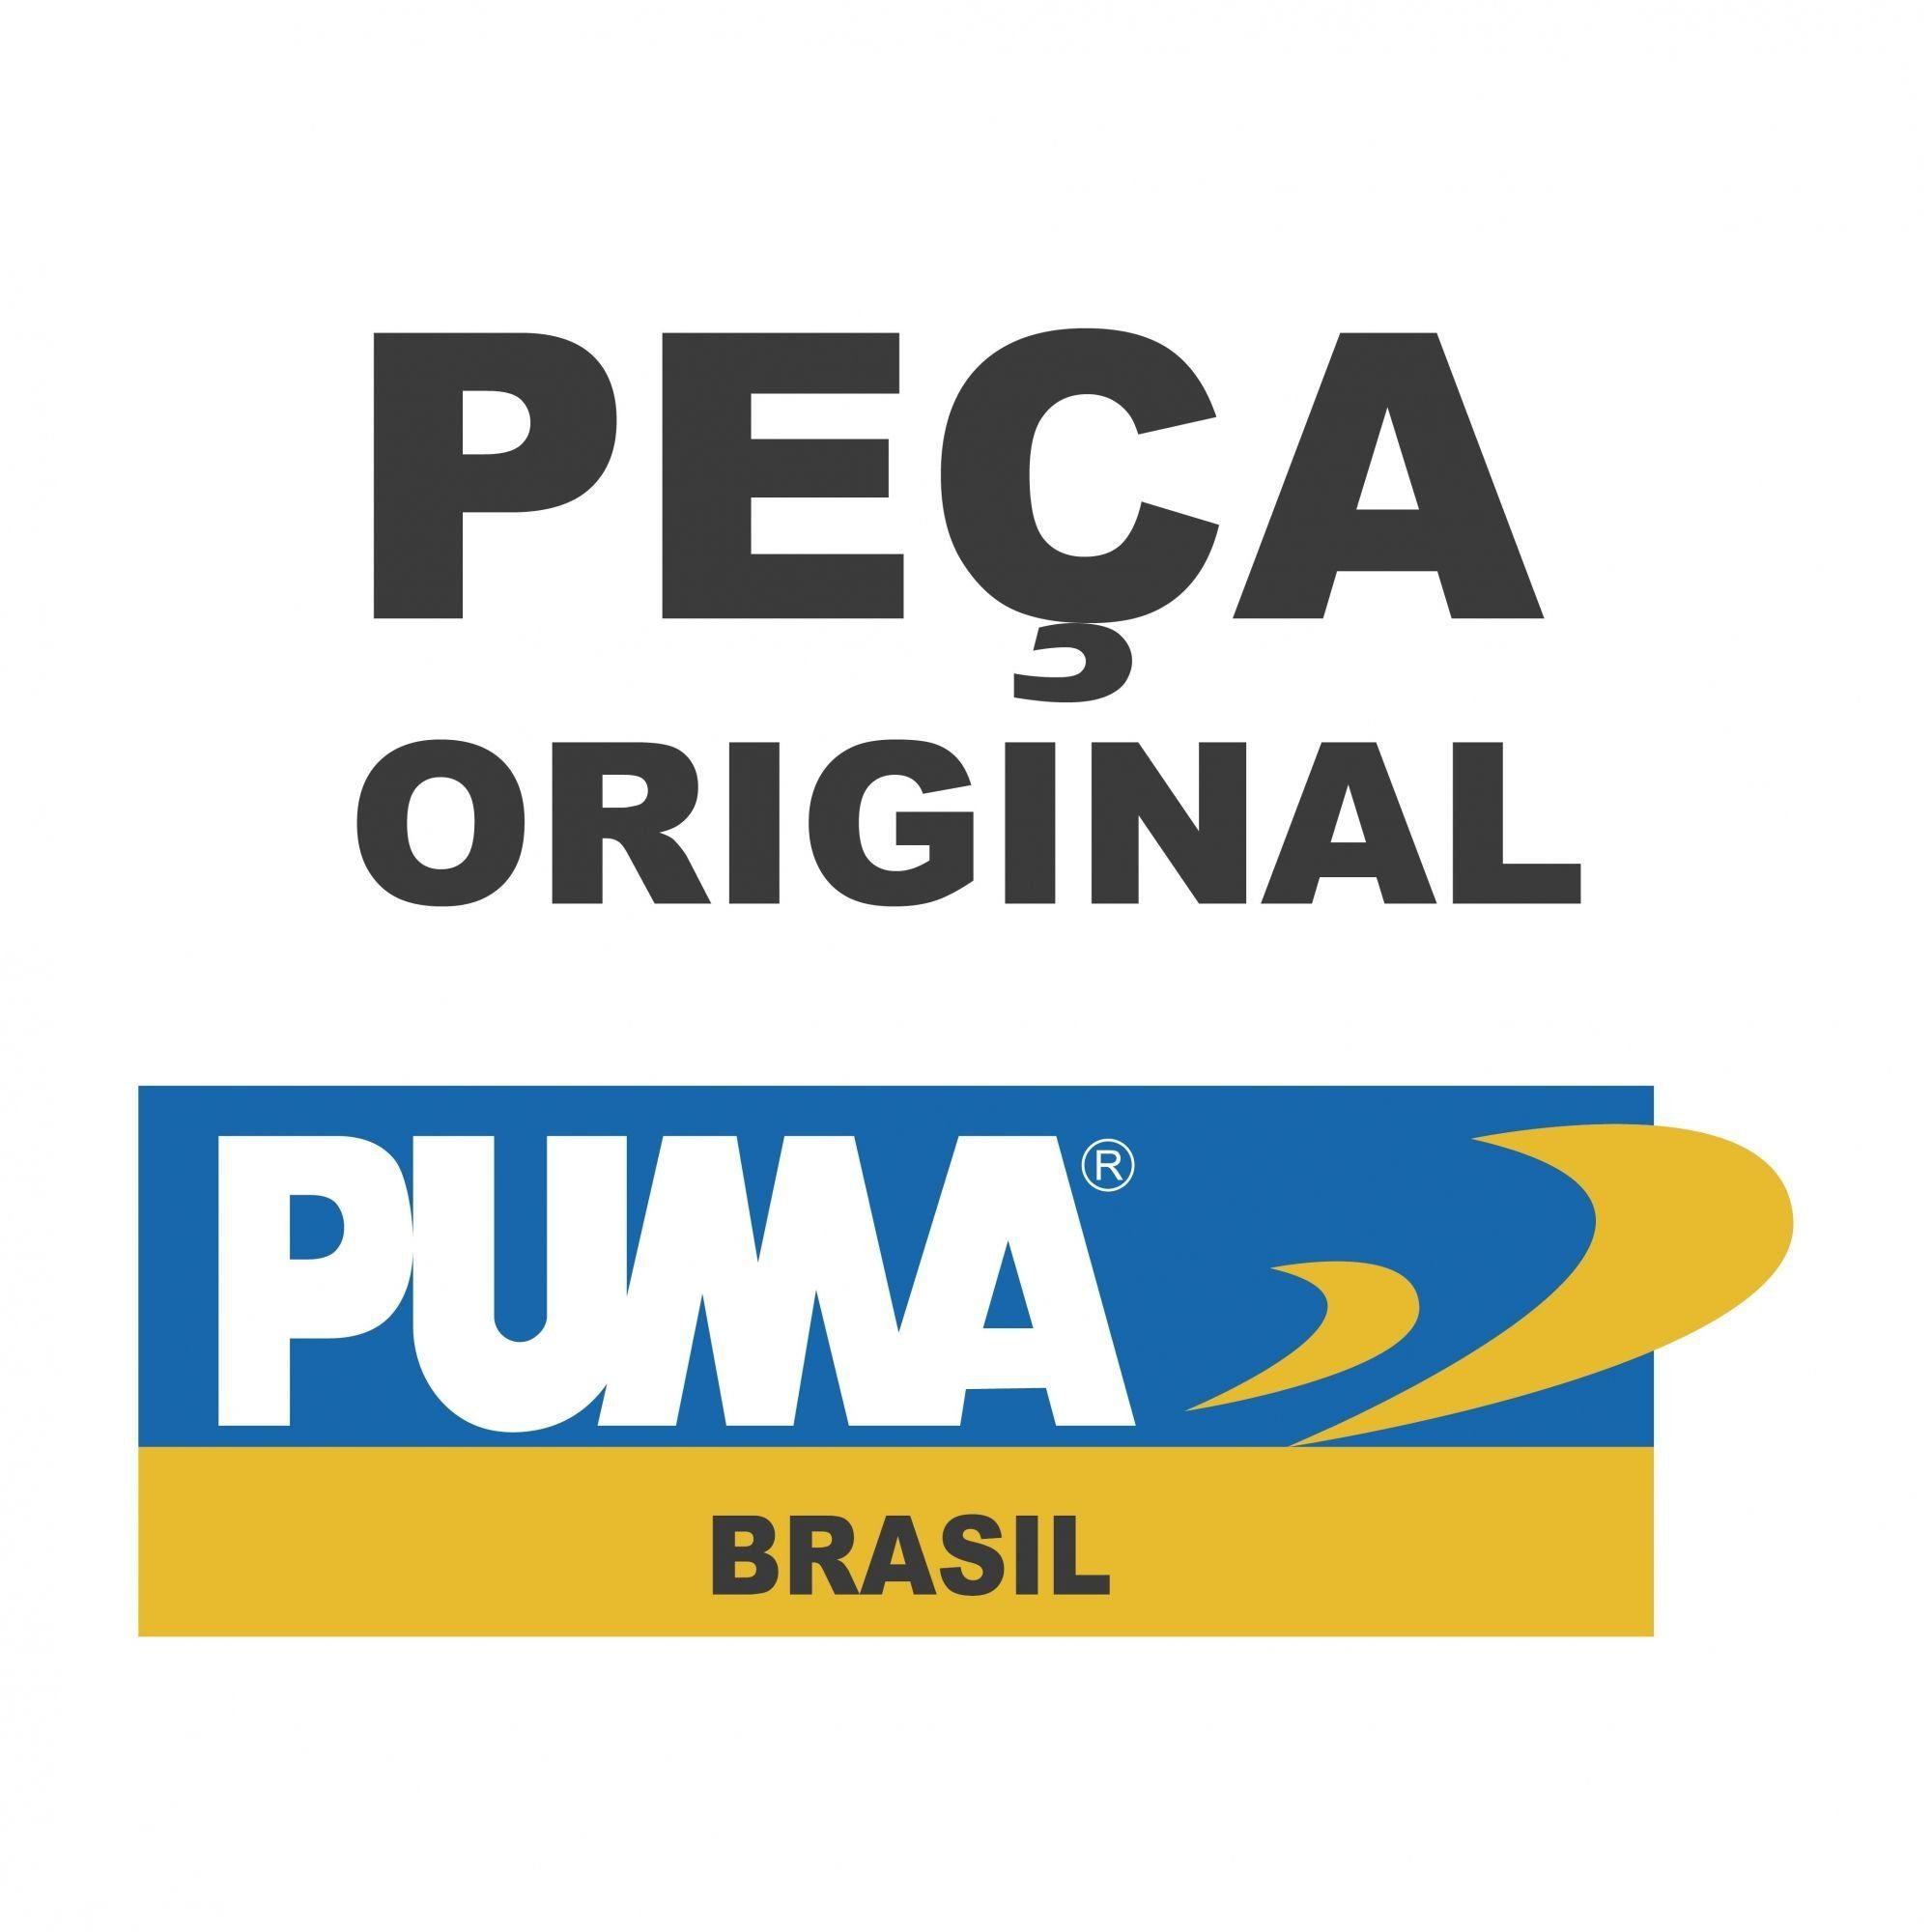 AGULHA DO FLUIDO 1.9 - PEÇA PNEUMÁTICA PUMA - S1005-16D